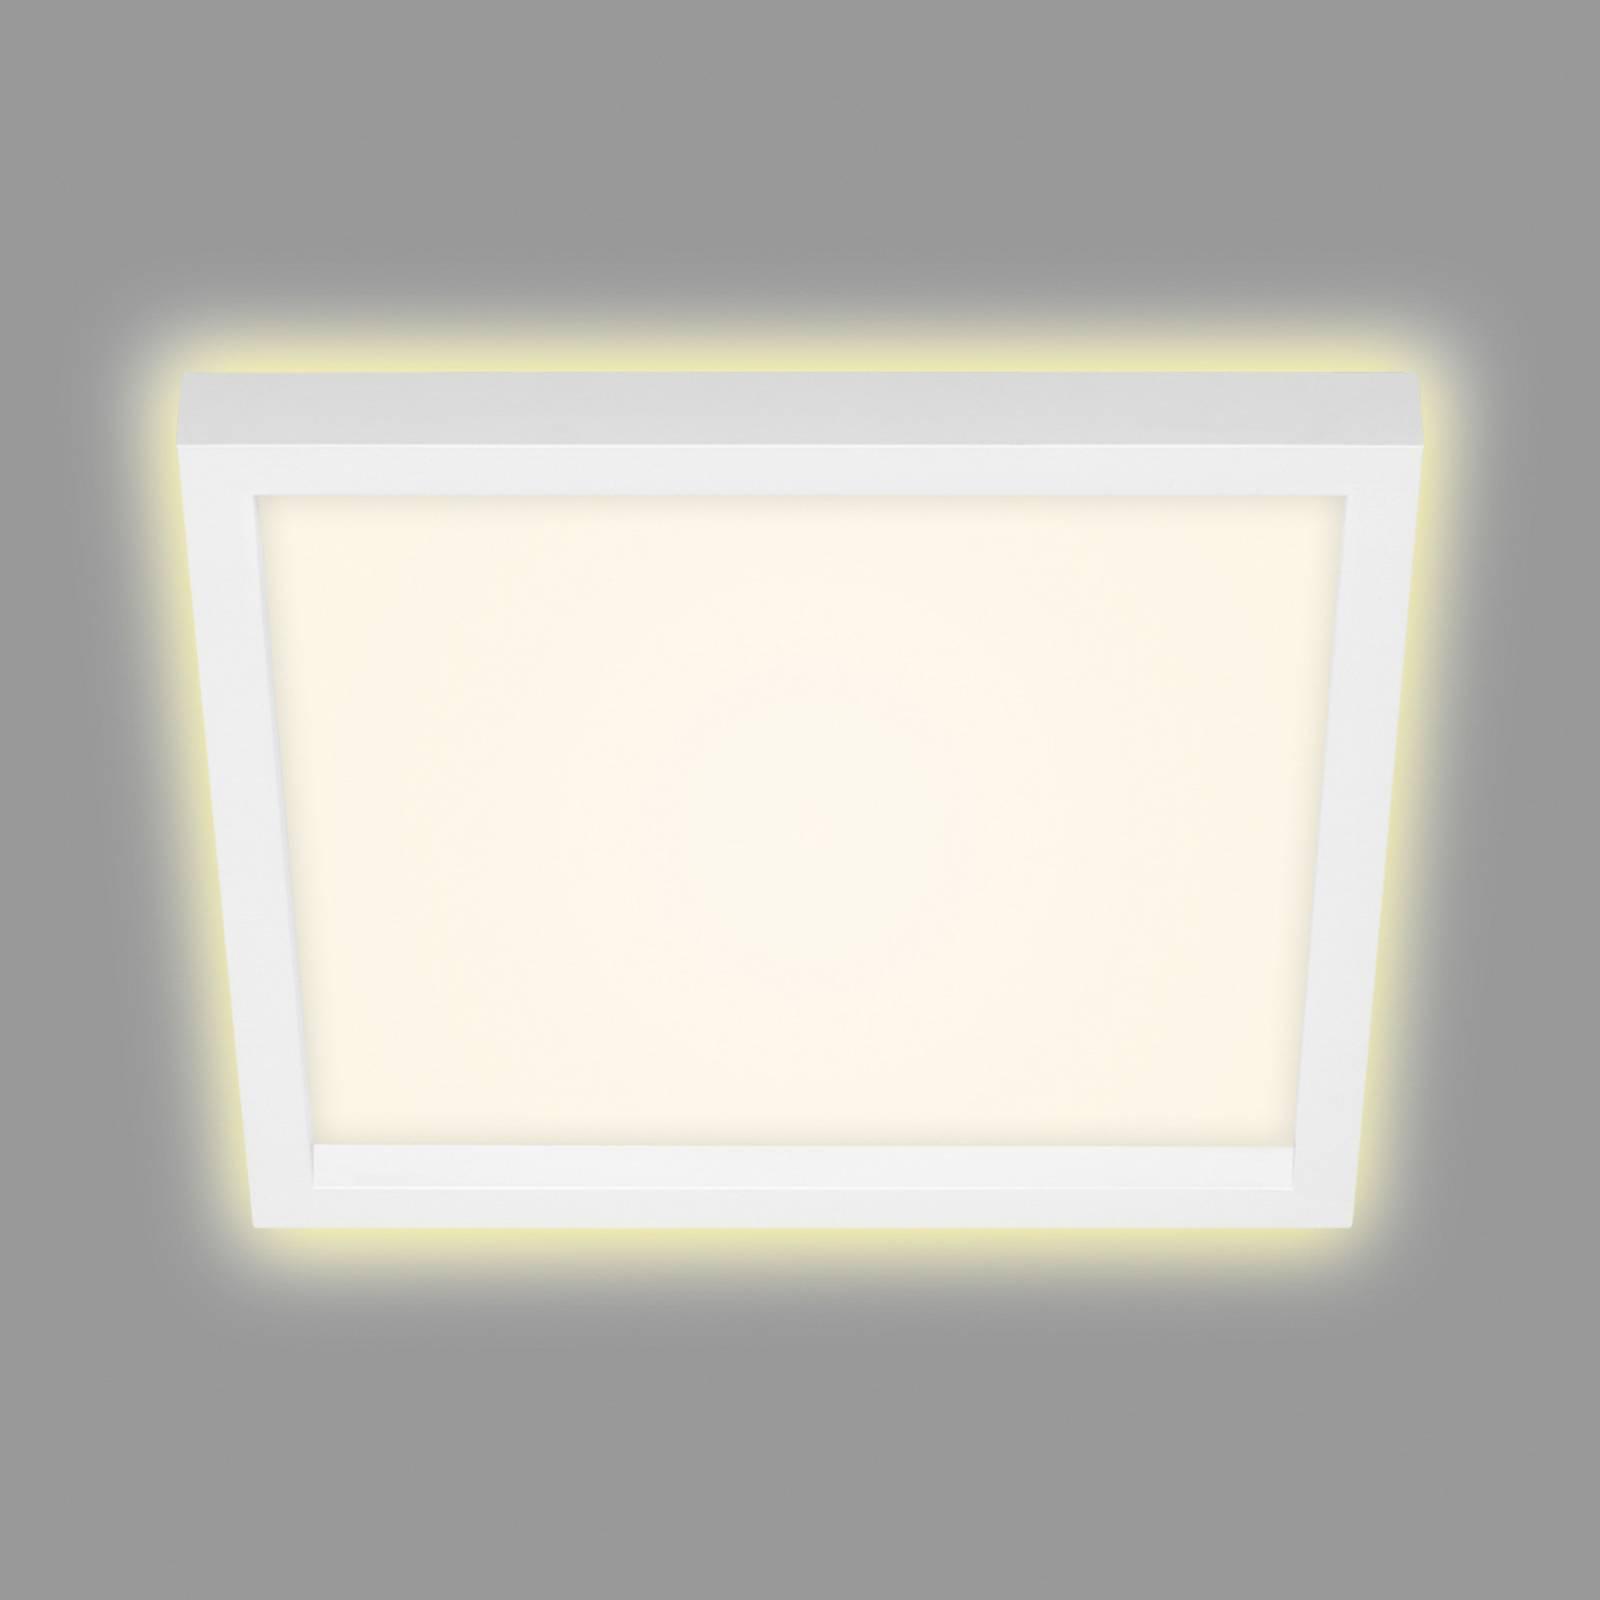 LED-kattovalaisin 7362, 29 x 29 cm, valkoinen